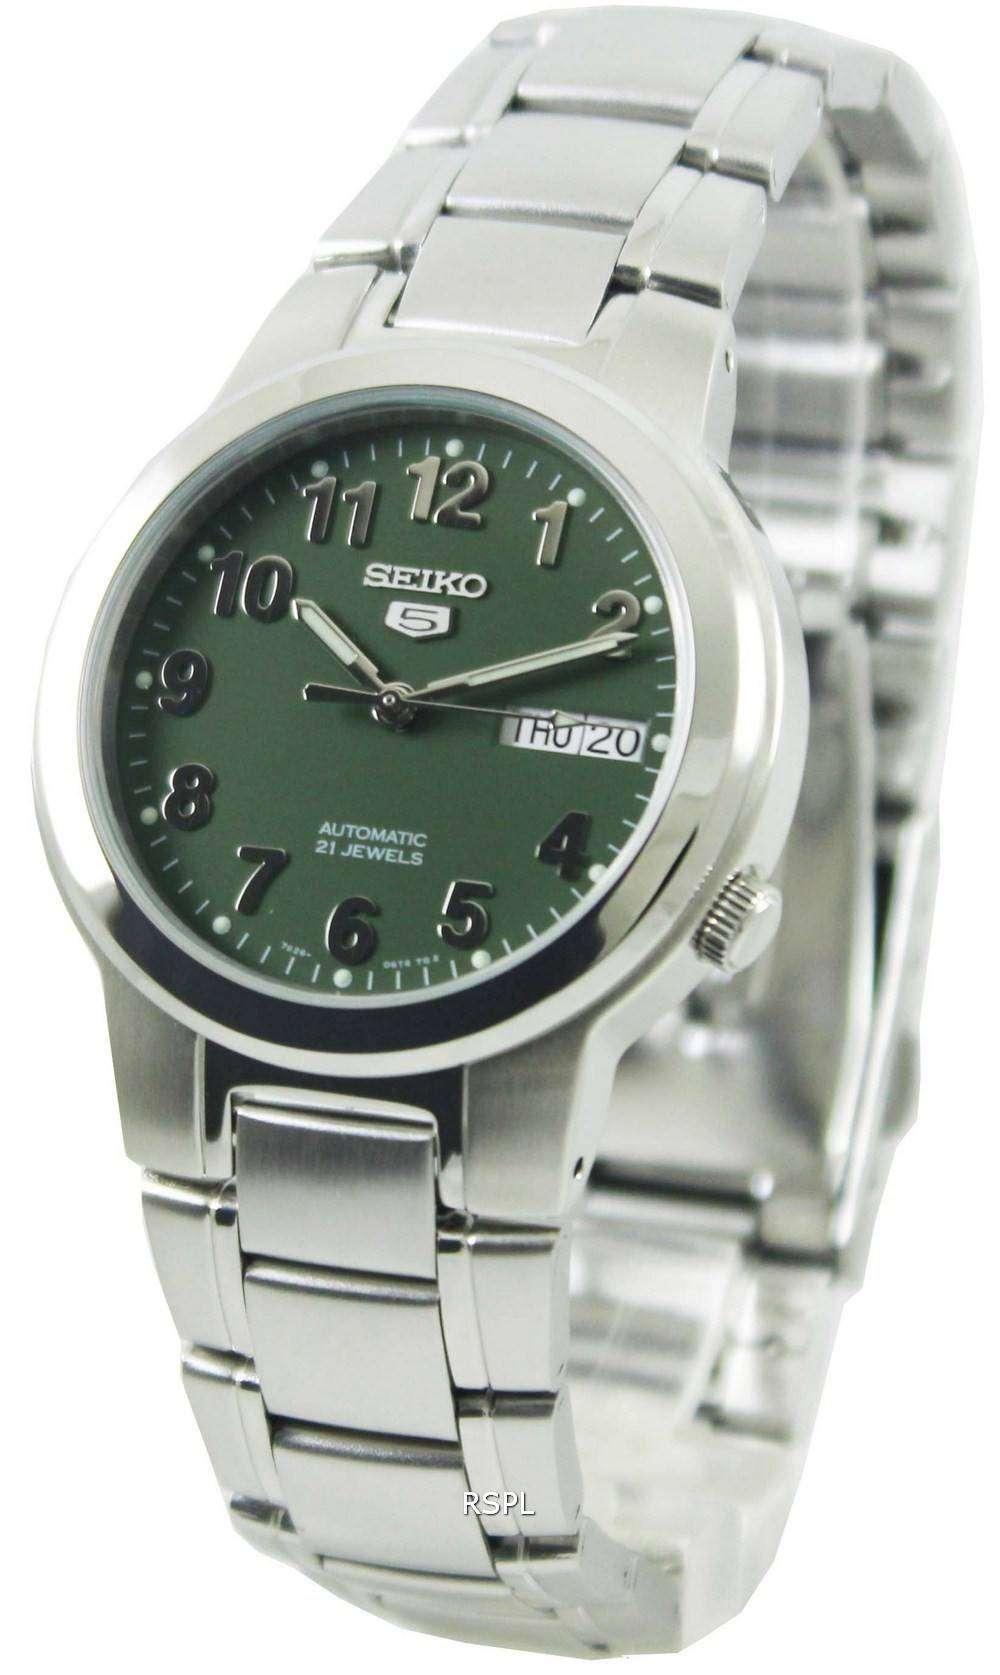 Seiko 5 Automatic 21 Jewels SNKA17K1 SNKA17K Mens Watch ...